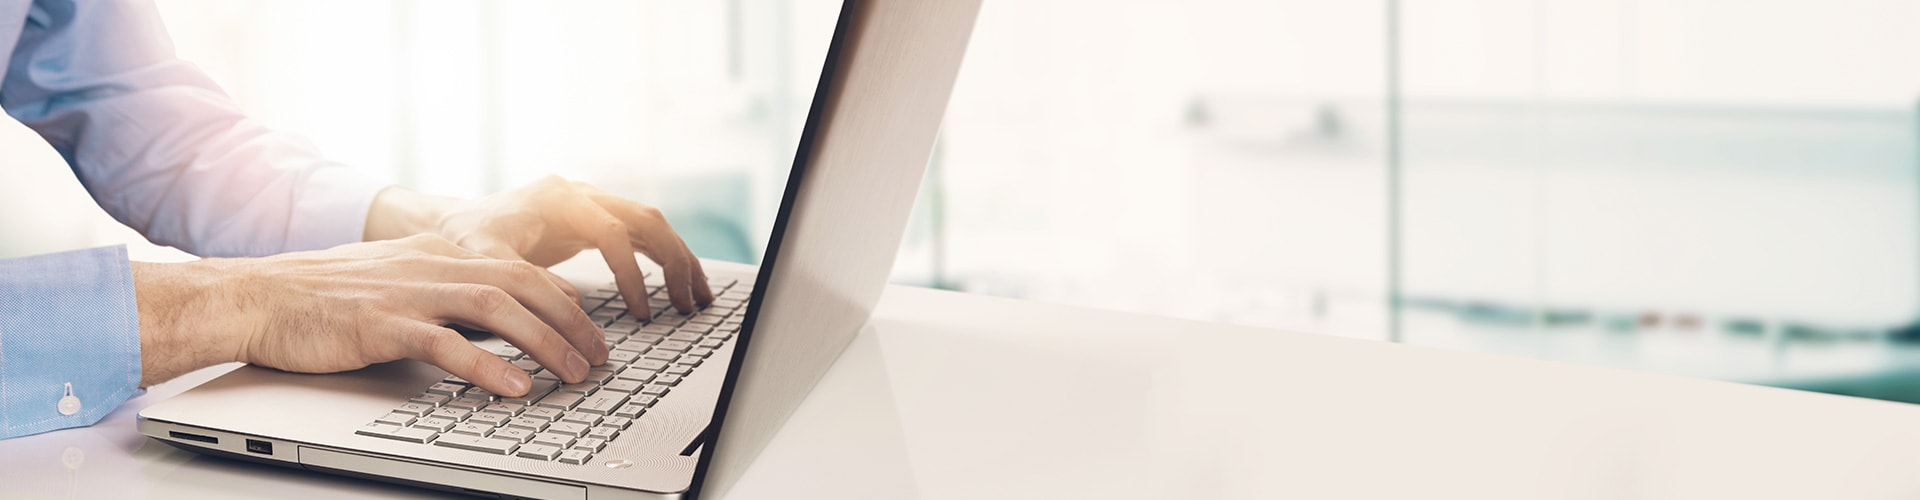 İşitme uzmanı, Philips HearLink işitme cihazlarıyla ilgili ürün bilgileri bulma.